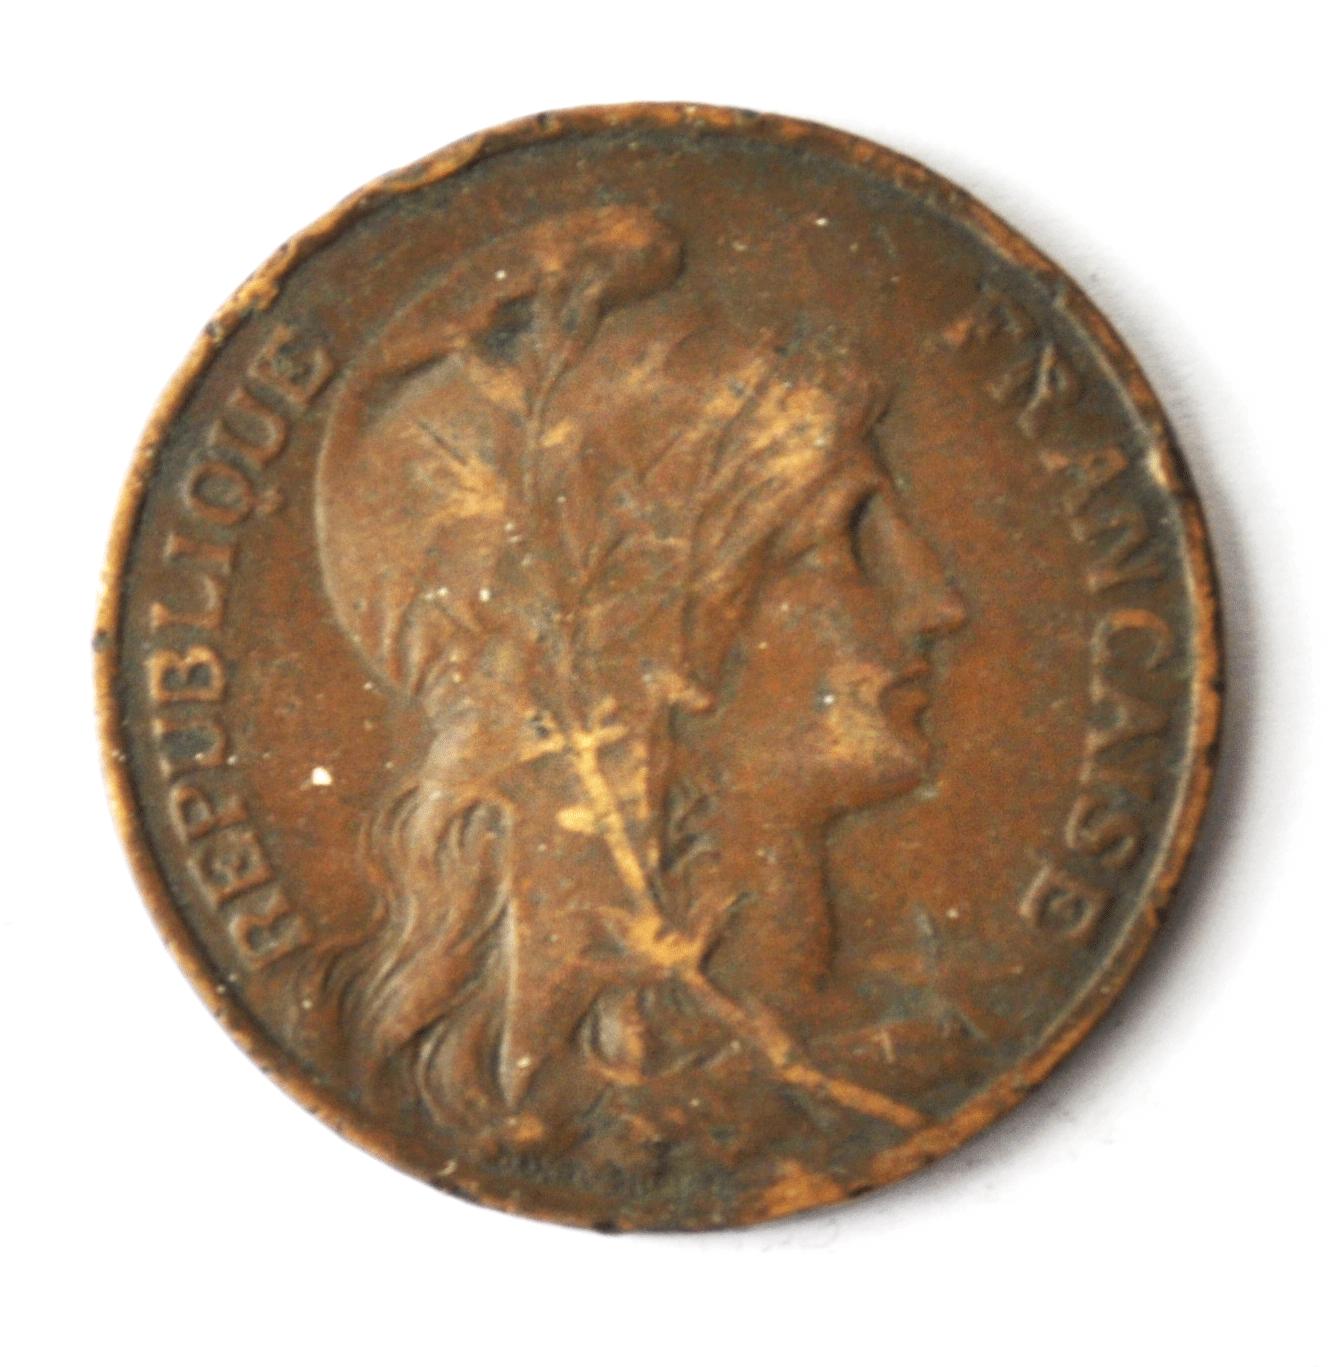 1913 France 10 Ten Centimes KM# 843 Bronze Coin